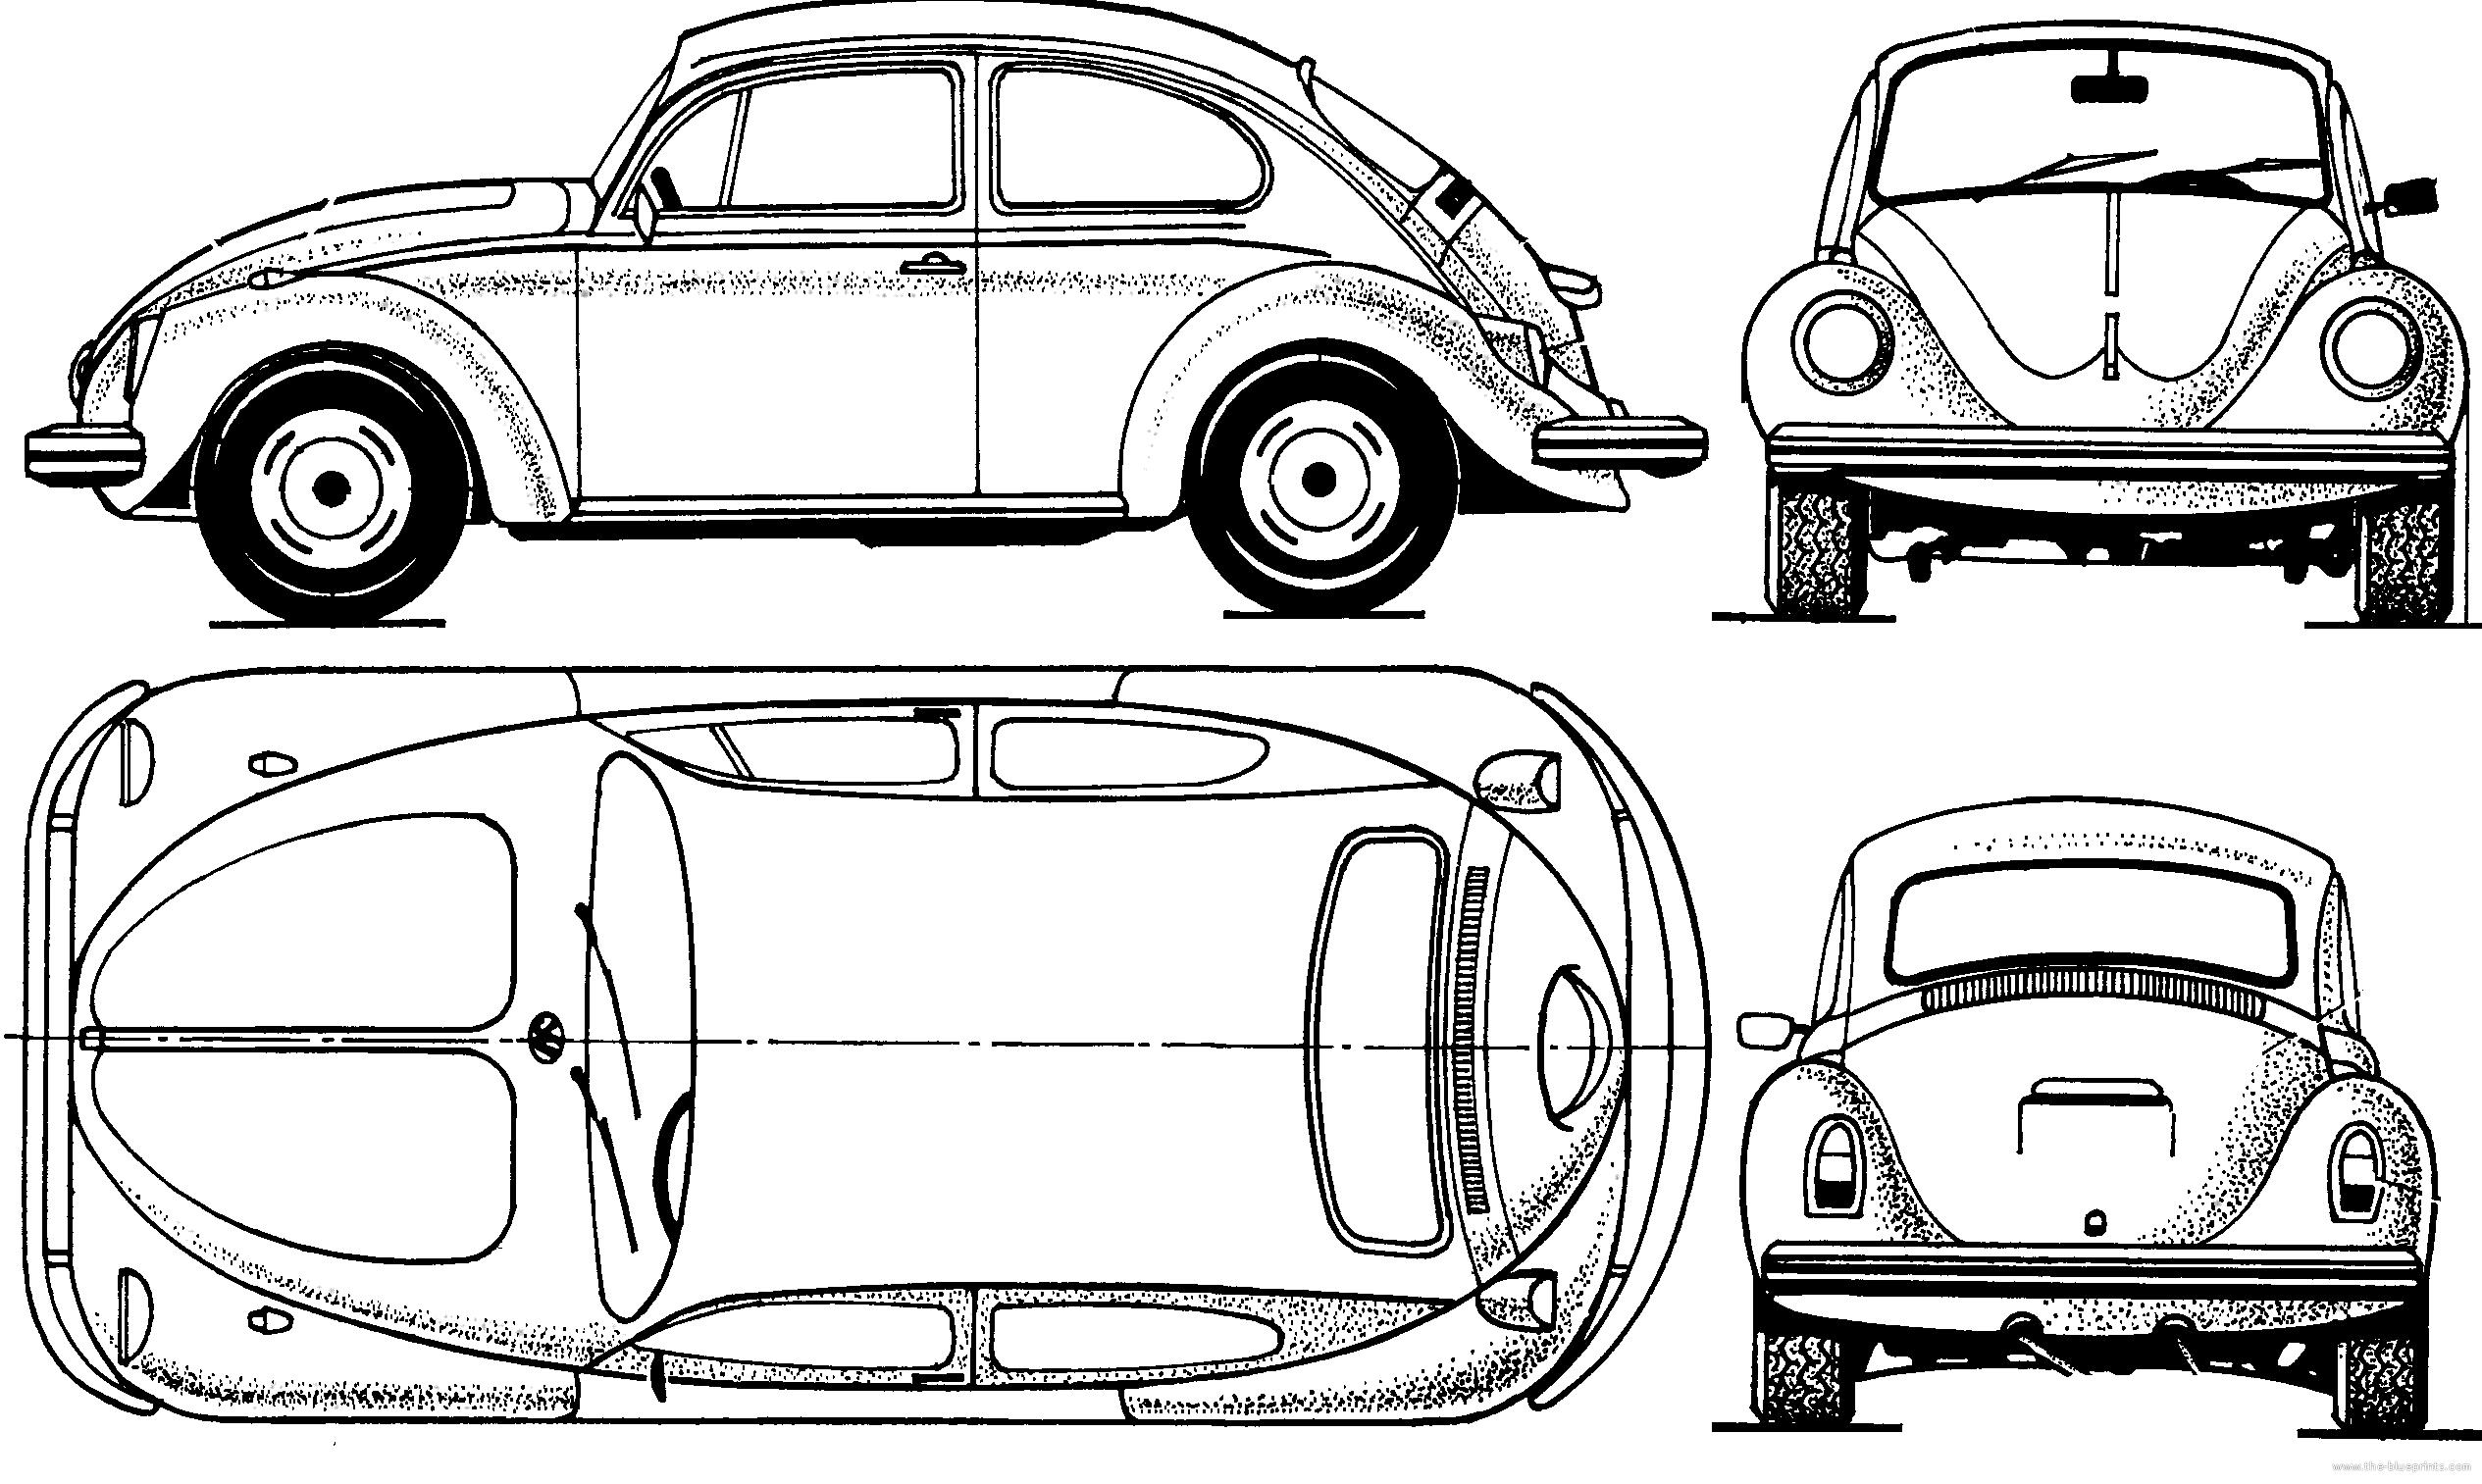 blueprints  u0026gt  cars  u0026gt  volkswagen  u0026gt  volkswagen beetle 1300  1970